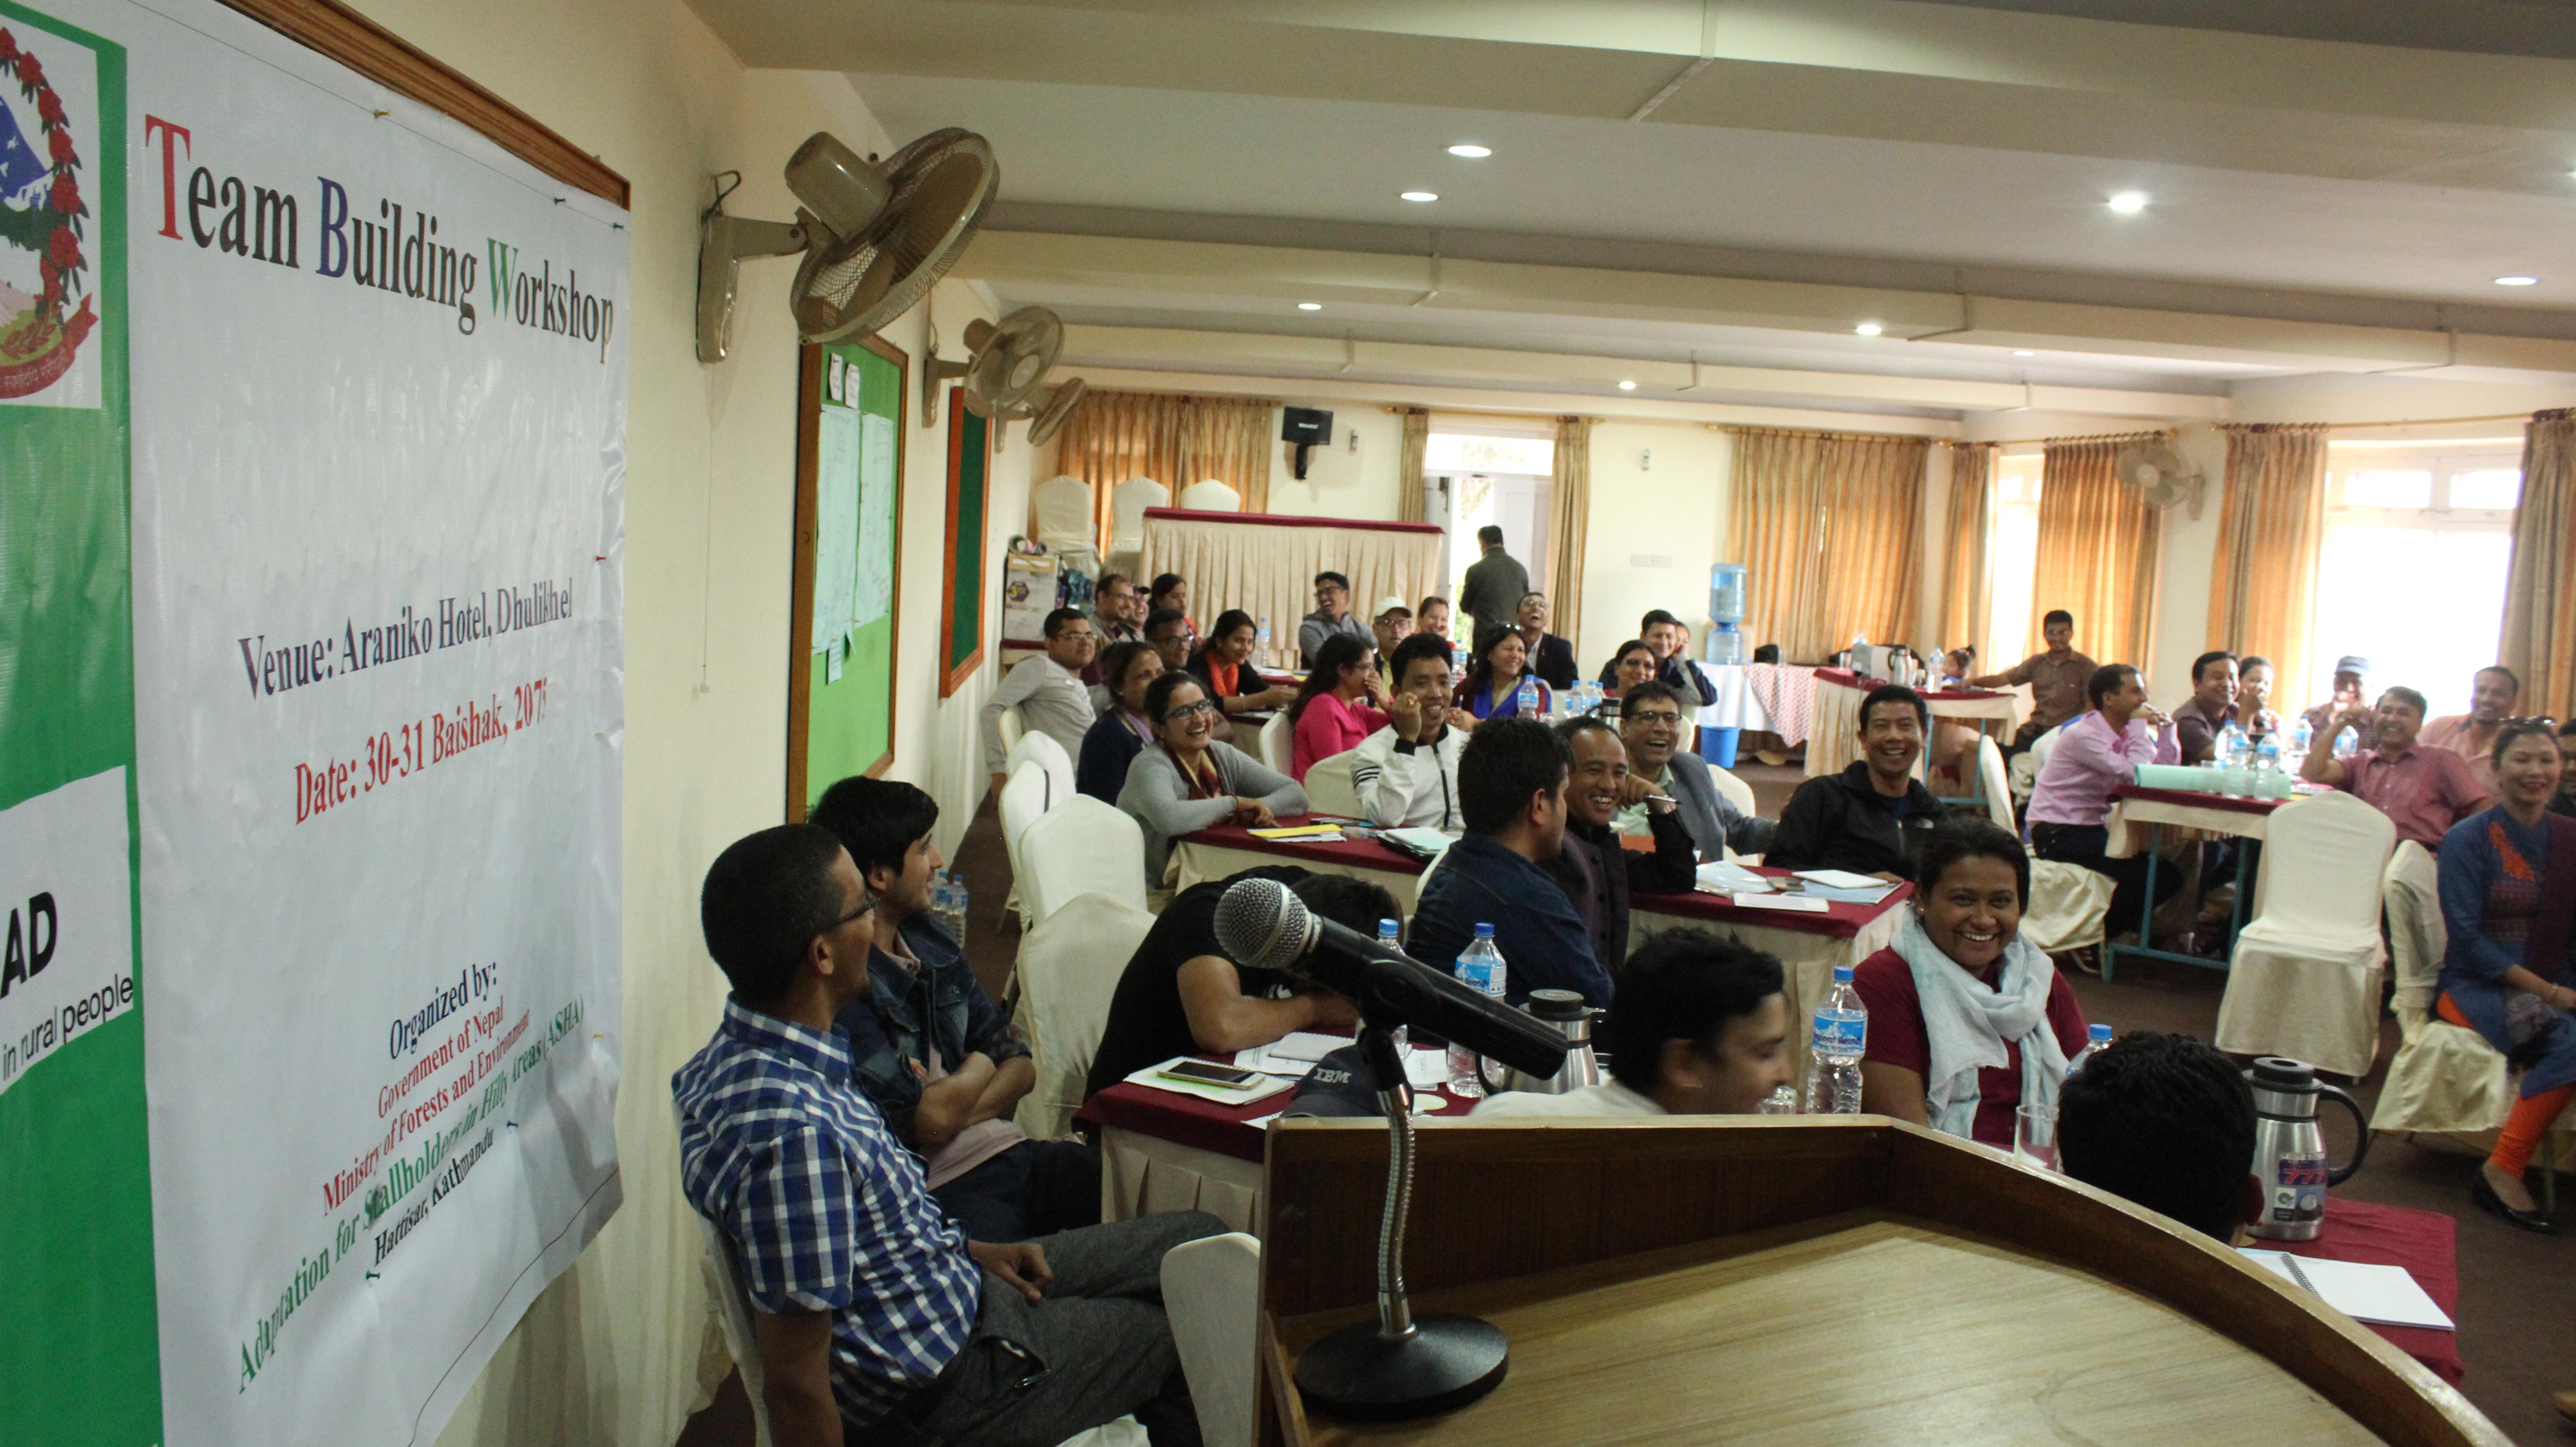 2018 Team Building Workshop